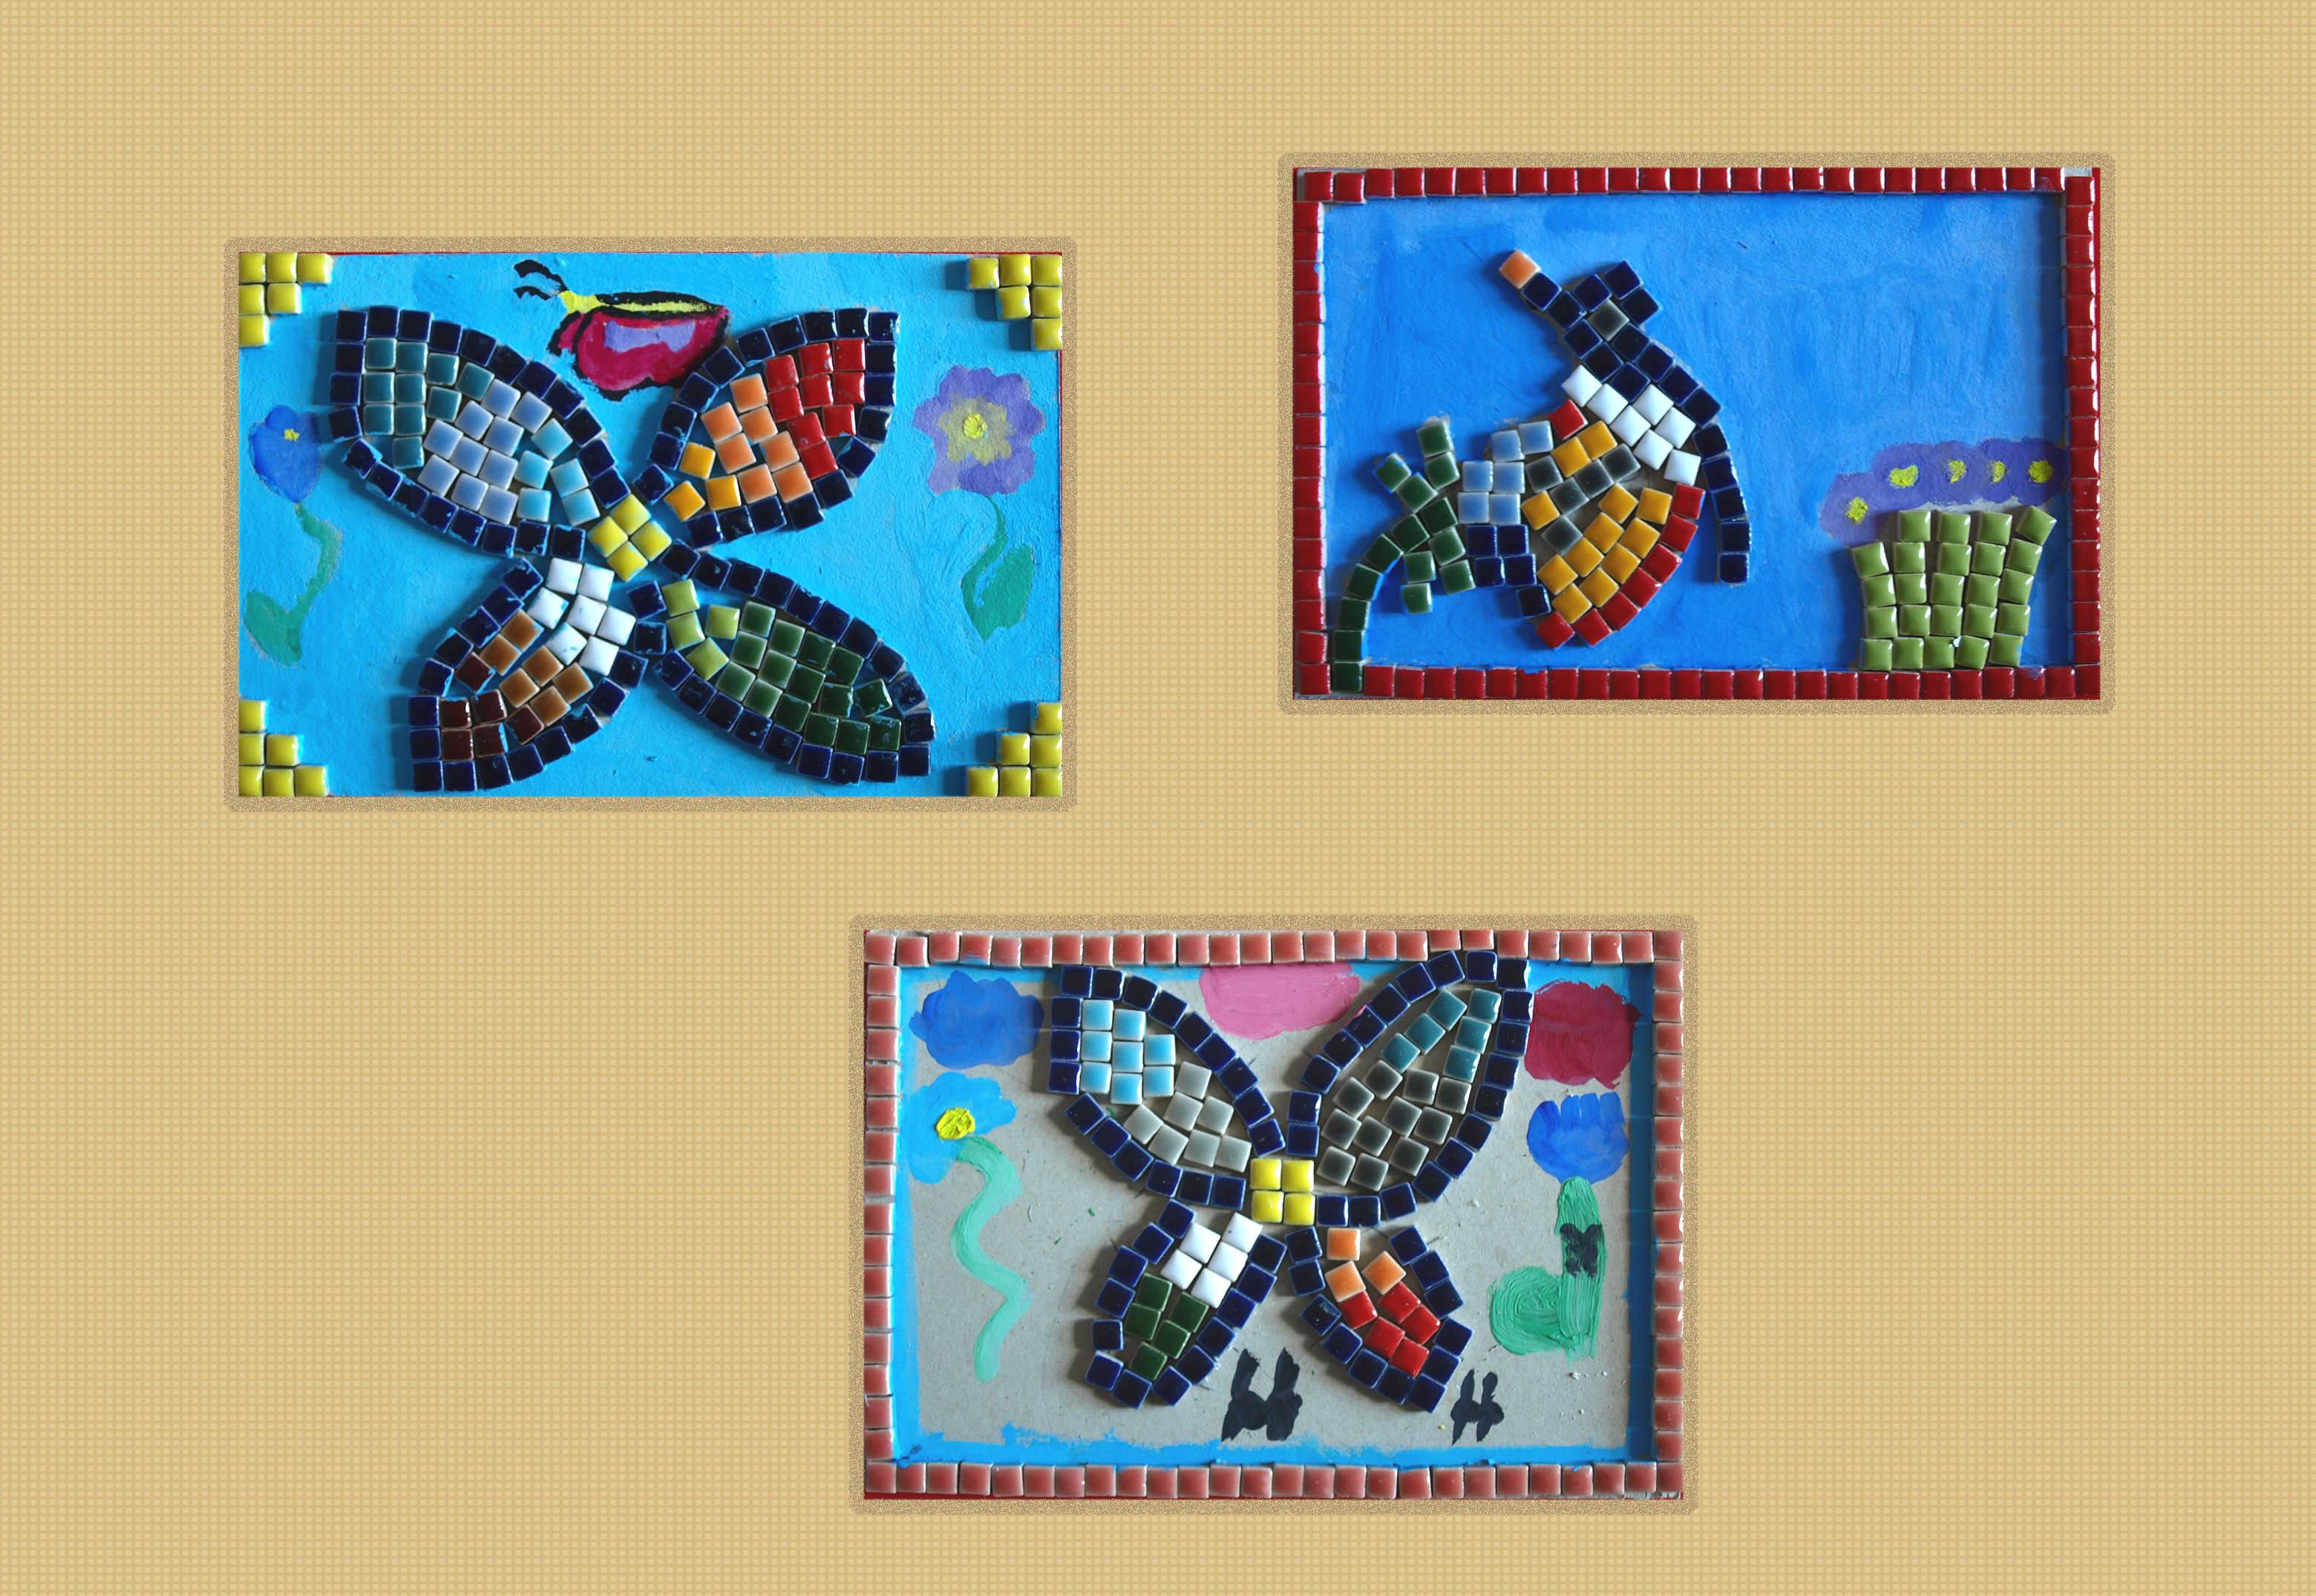 La mosa que romaine atelier d 39 arts plastiques pour enfants - Faire de la mosaique ...